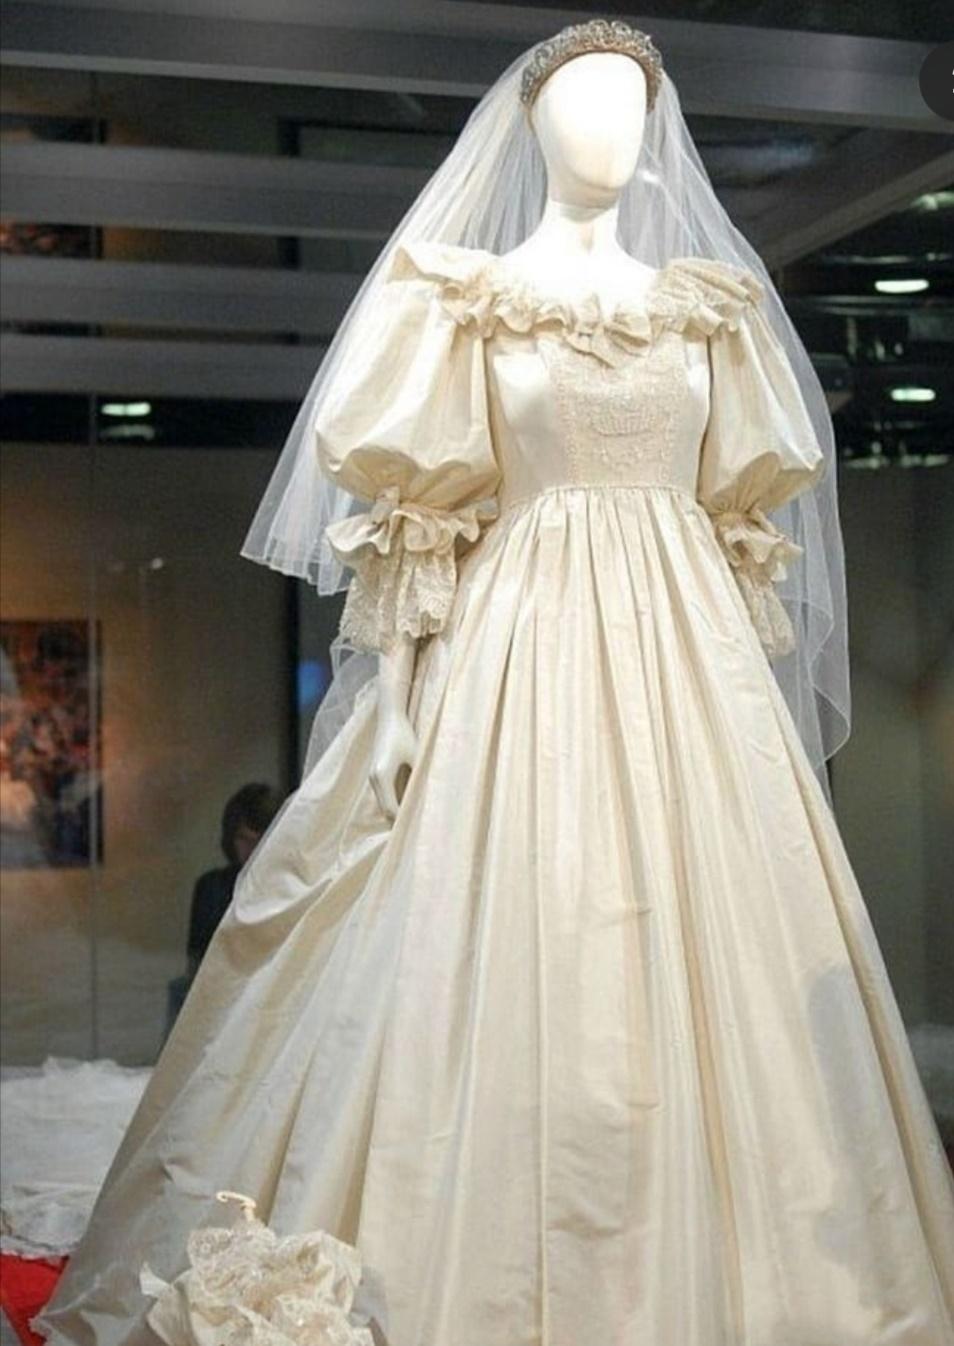 عرض فستان زفاف والأميرة ديانا في معارض القصور الملكية التاريخية- الصورة من إنستغرام